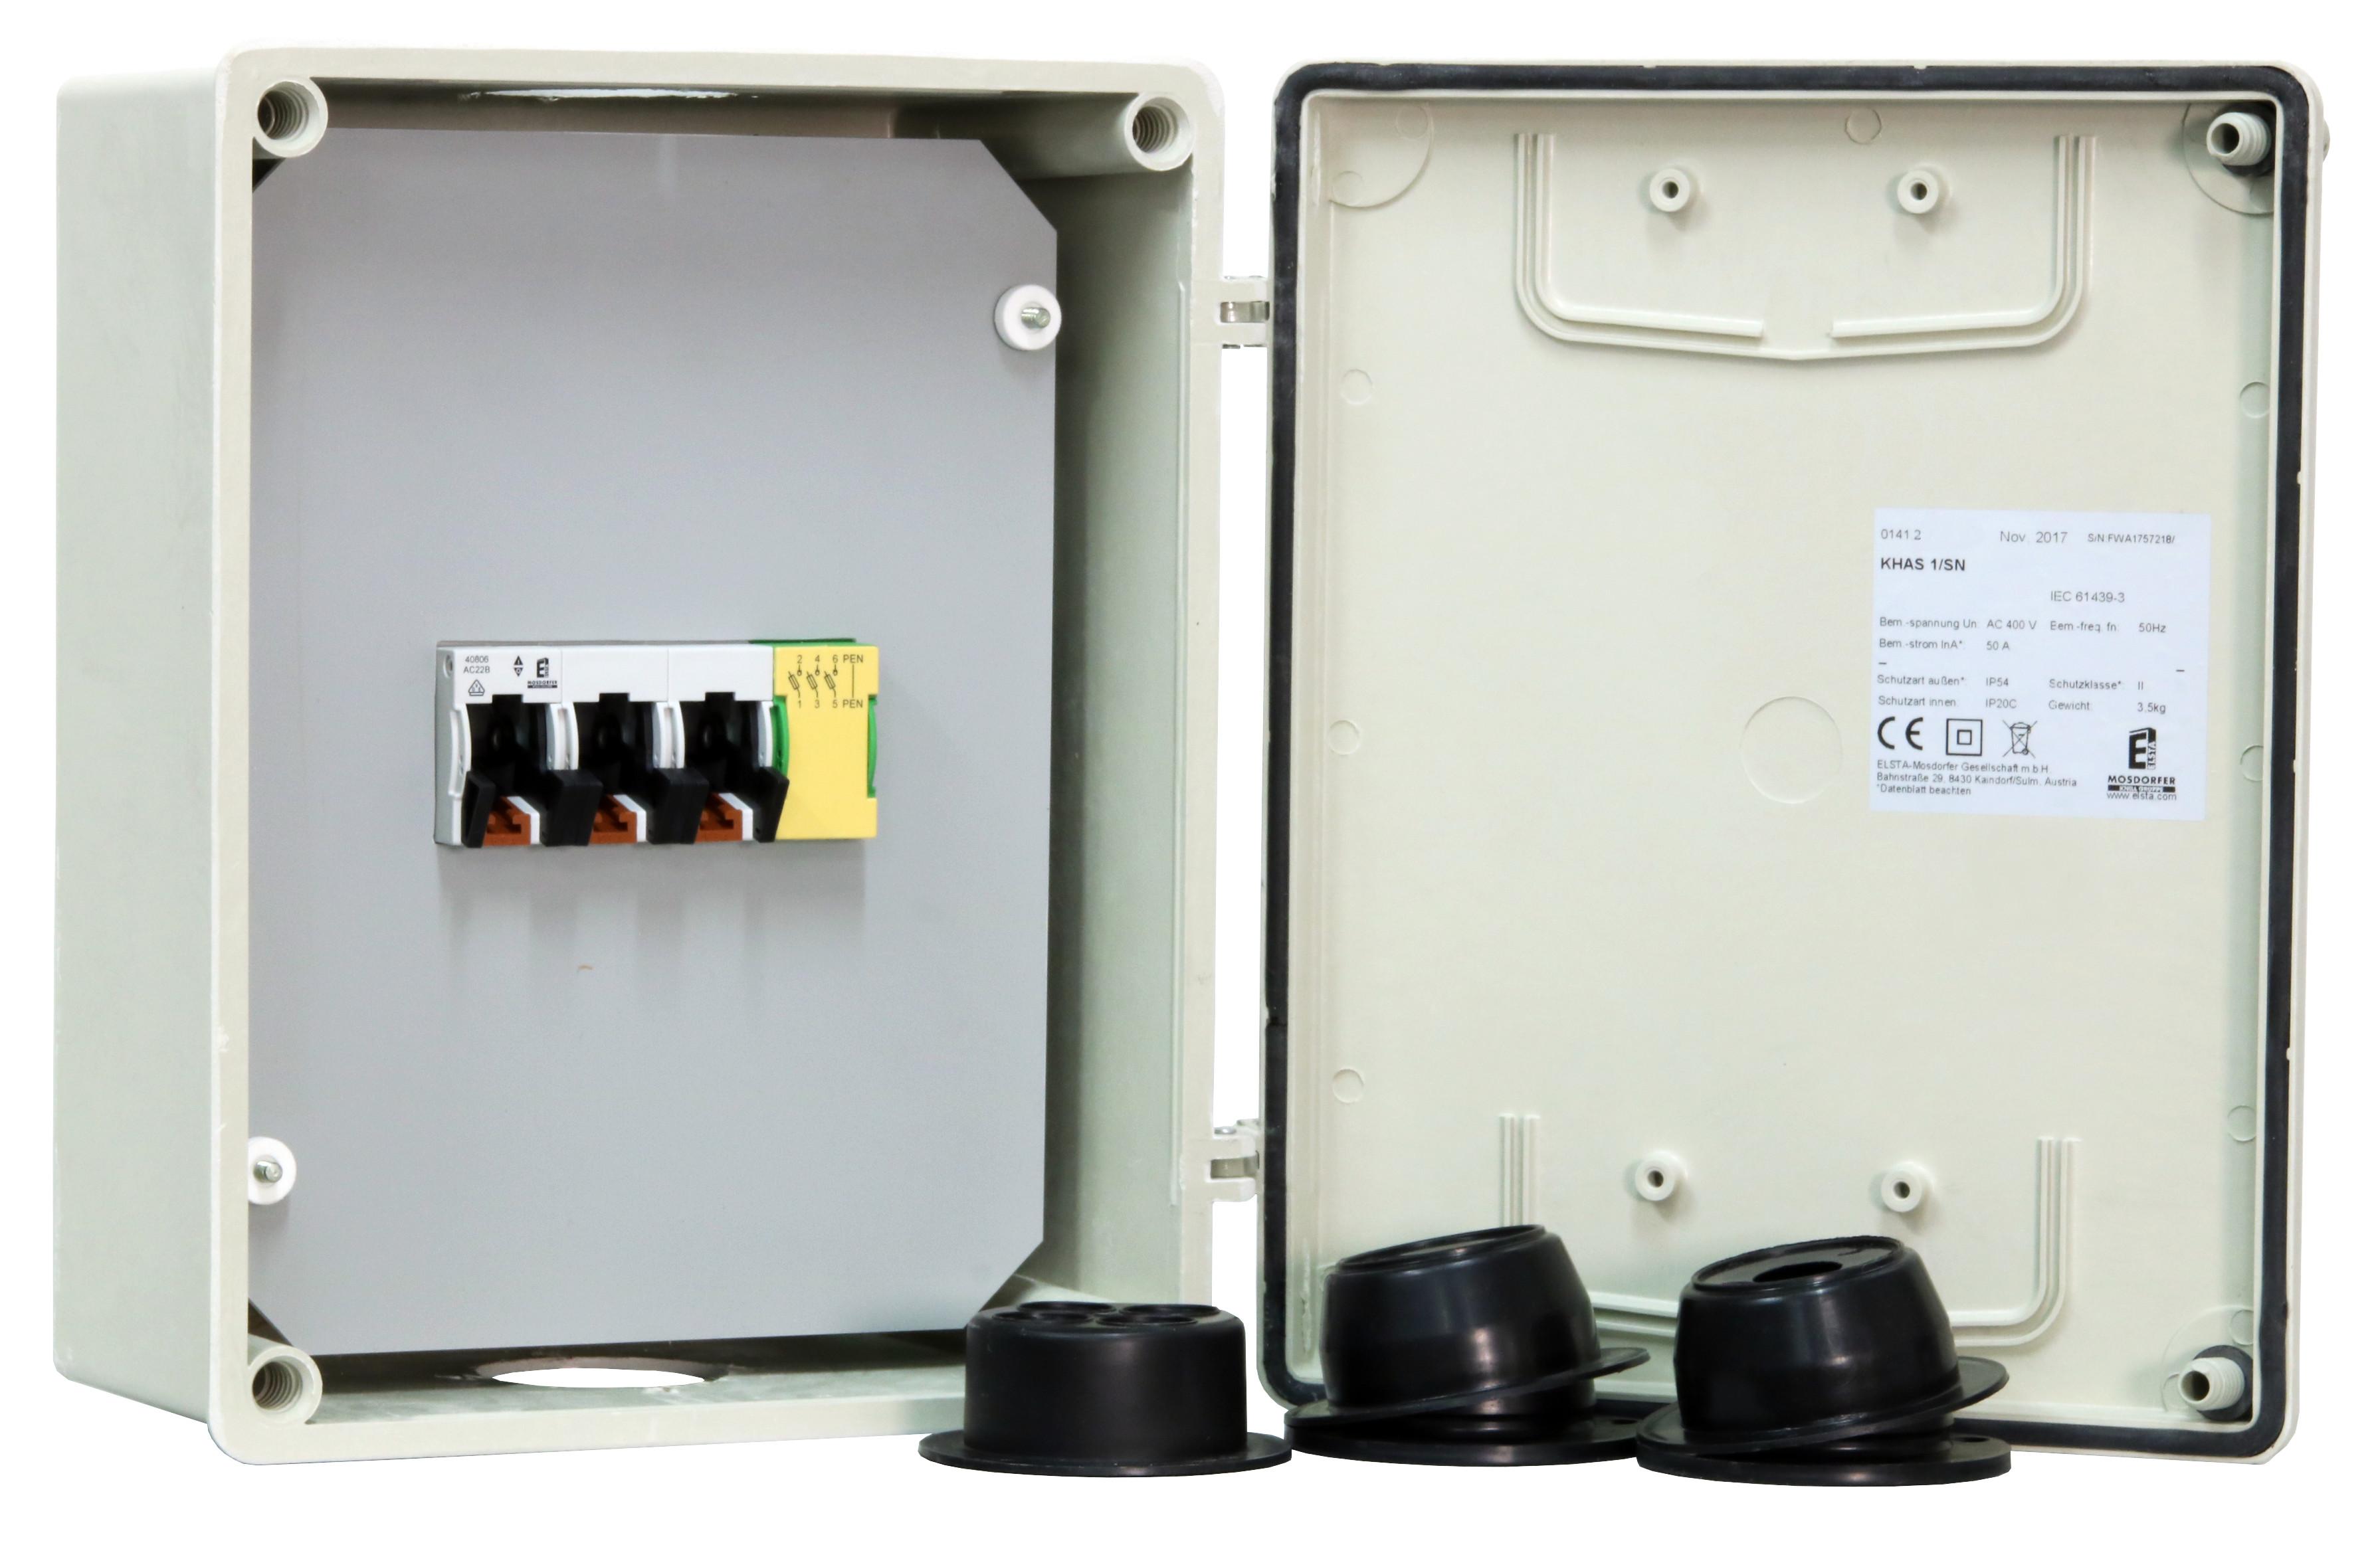 1 Stk Hausanschlusskasten m. TYTAN OOE-KHAS 1/SN-o. Sich.Stecker IG714210--